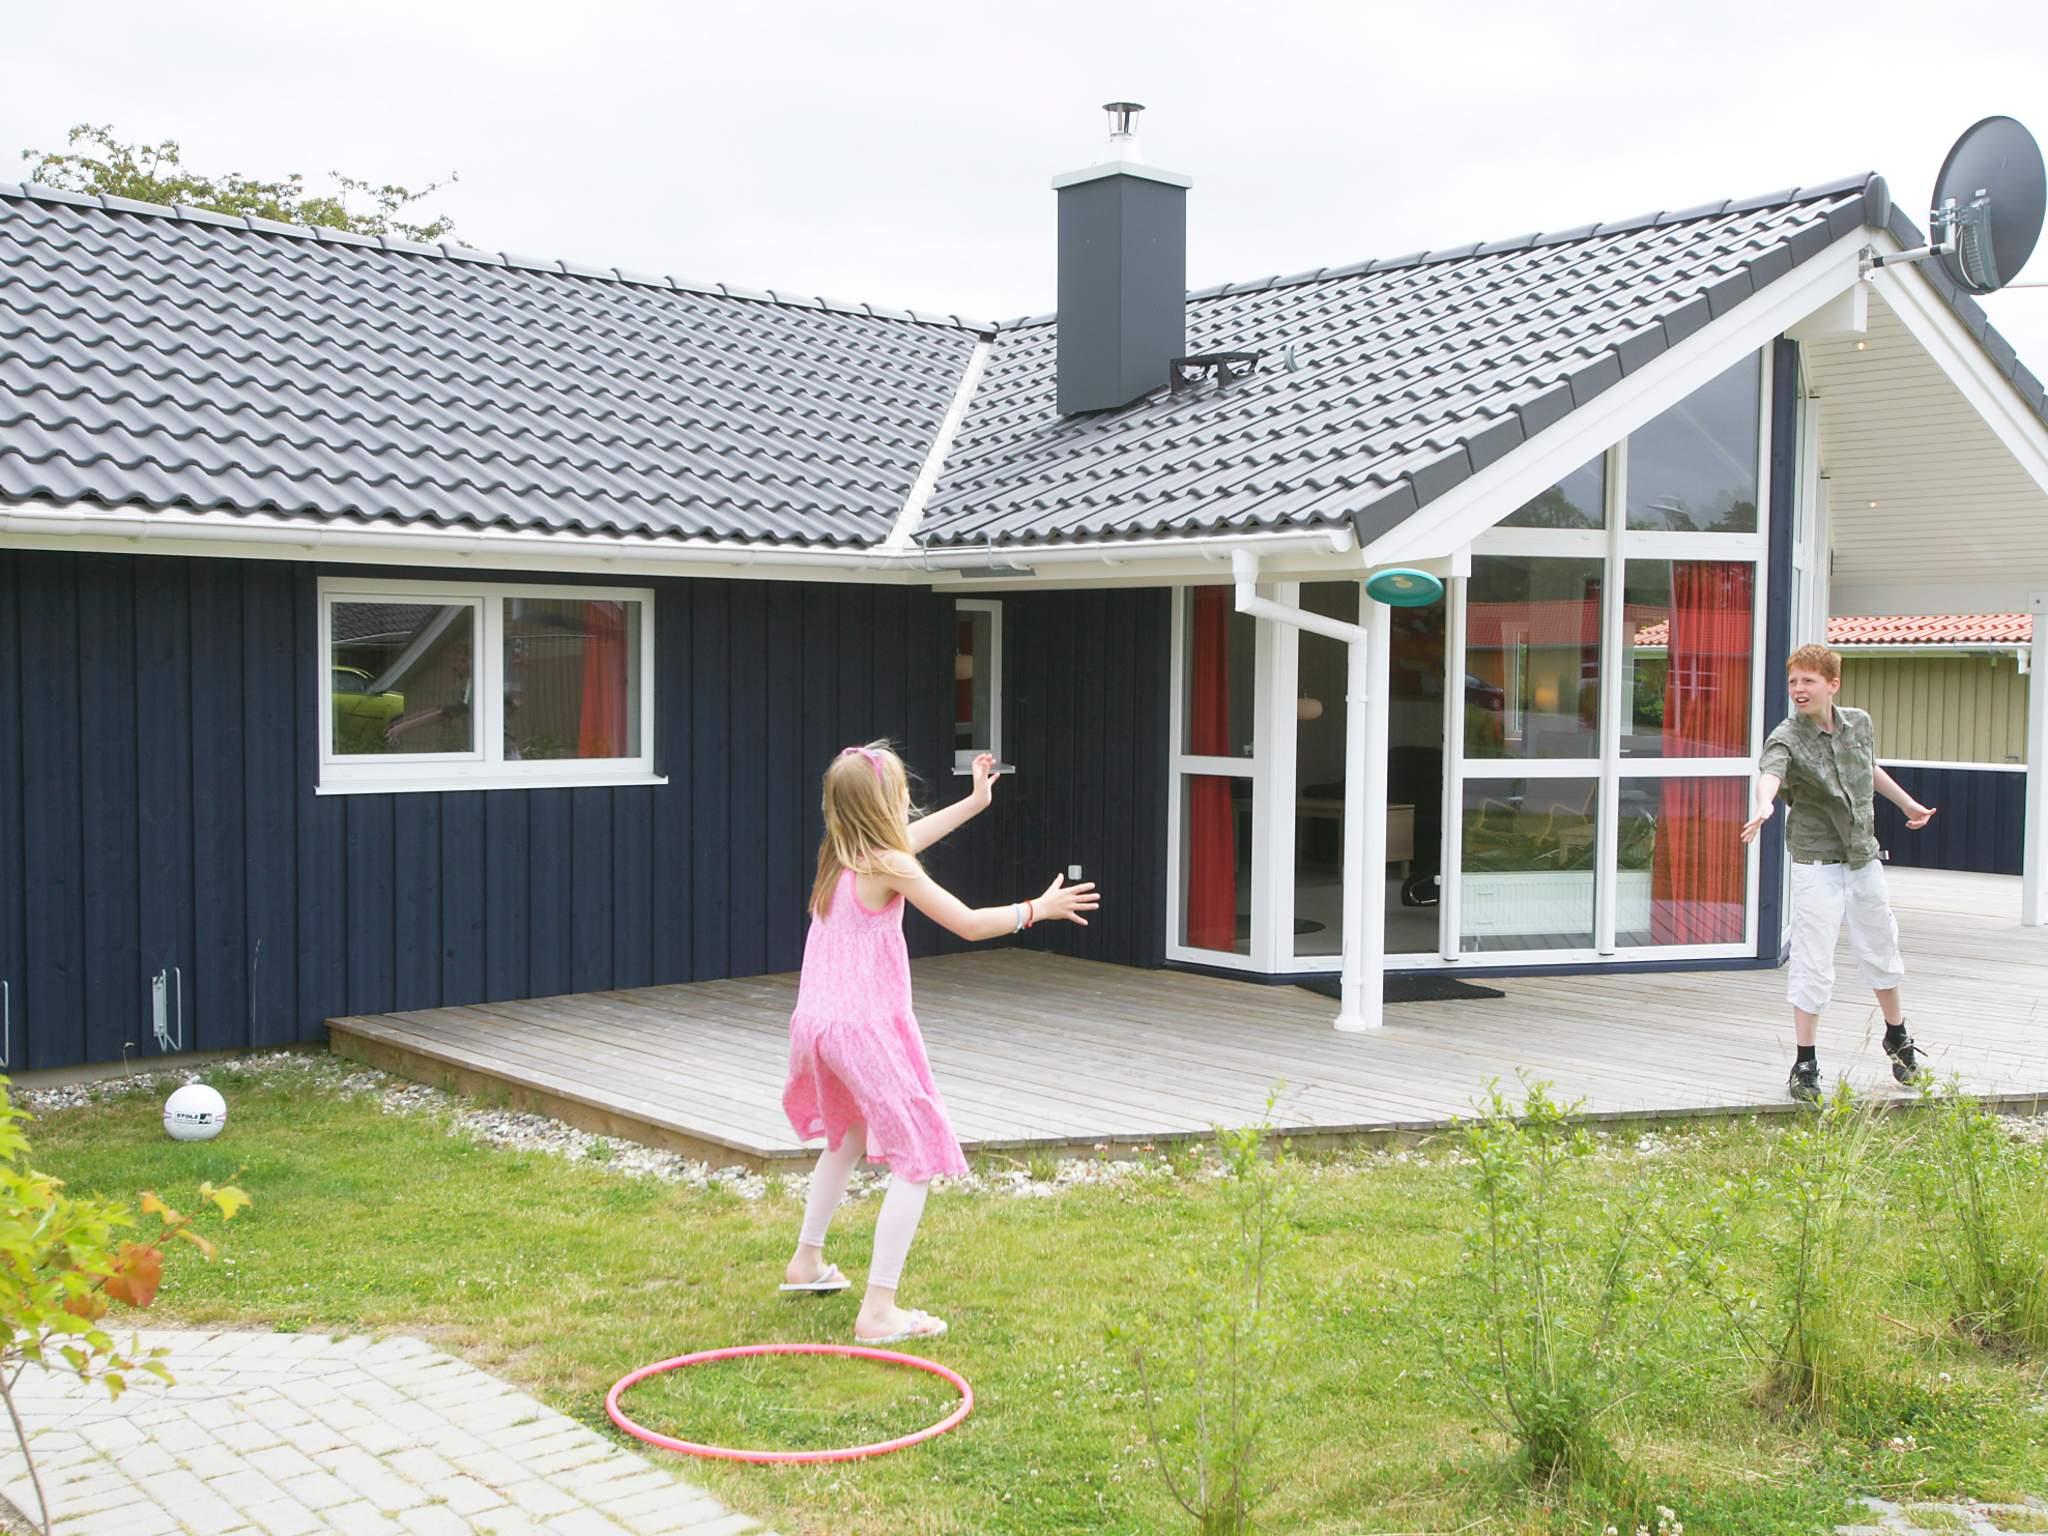 Maison de vacances Grömitz (259537), Grömitz, Baie de Lübeck, Schleswig-Holstein, Allemagne, image 14